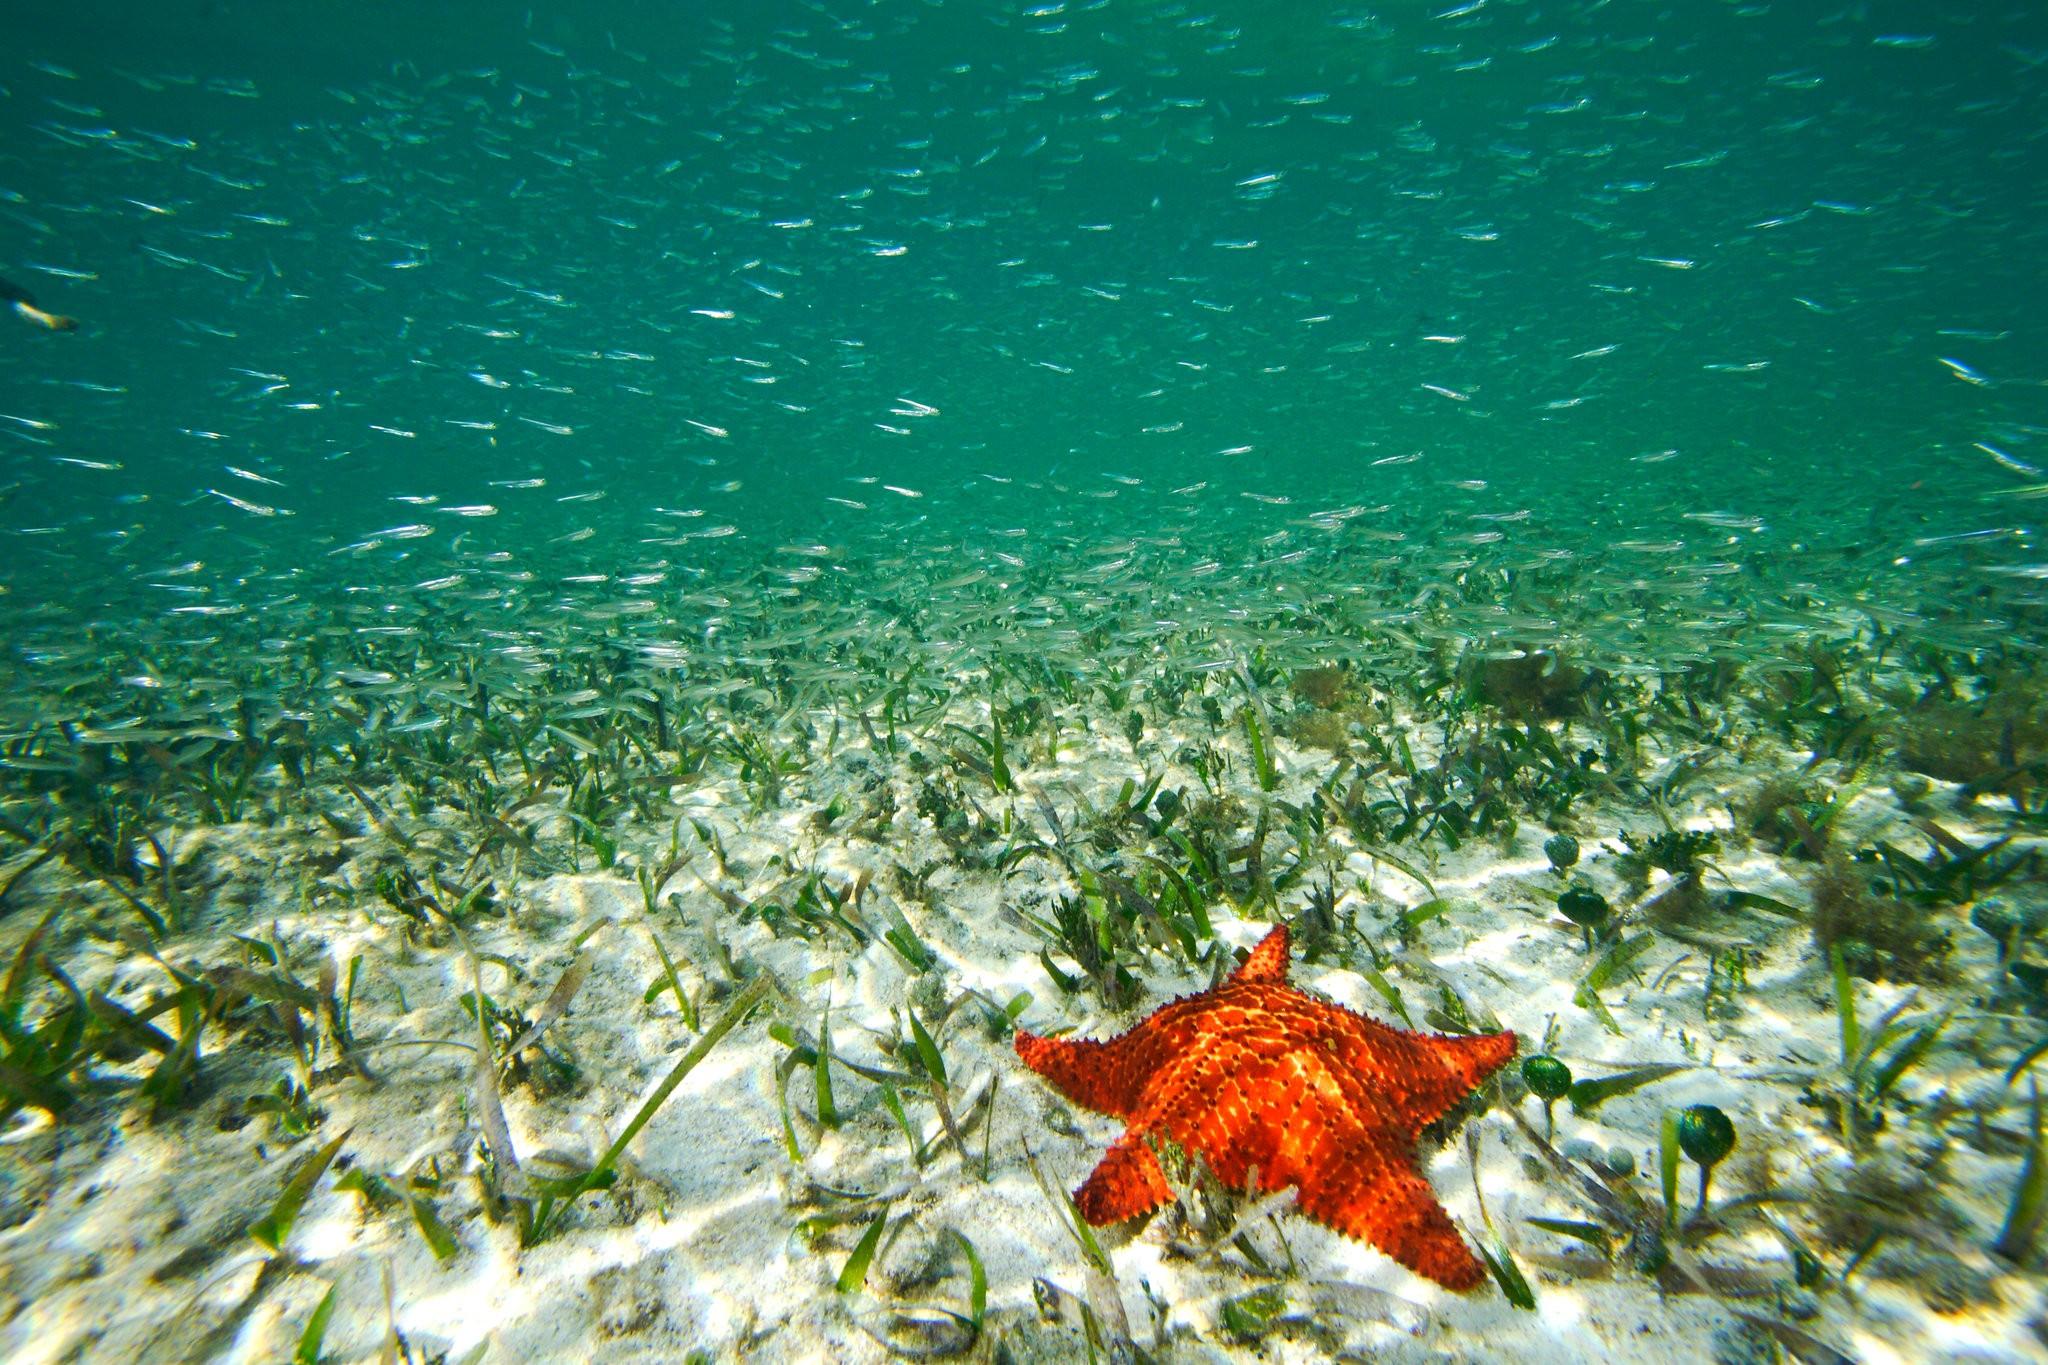 Морские травы не только служат домом для многих организмов, но также помогают удалять углекислый газ из атмосферы / NY Times